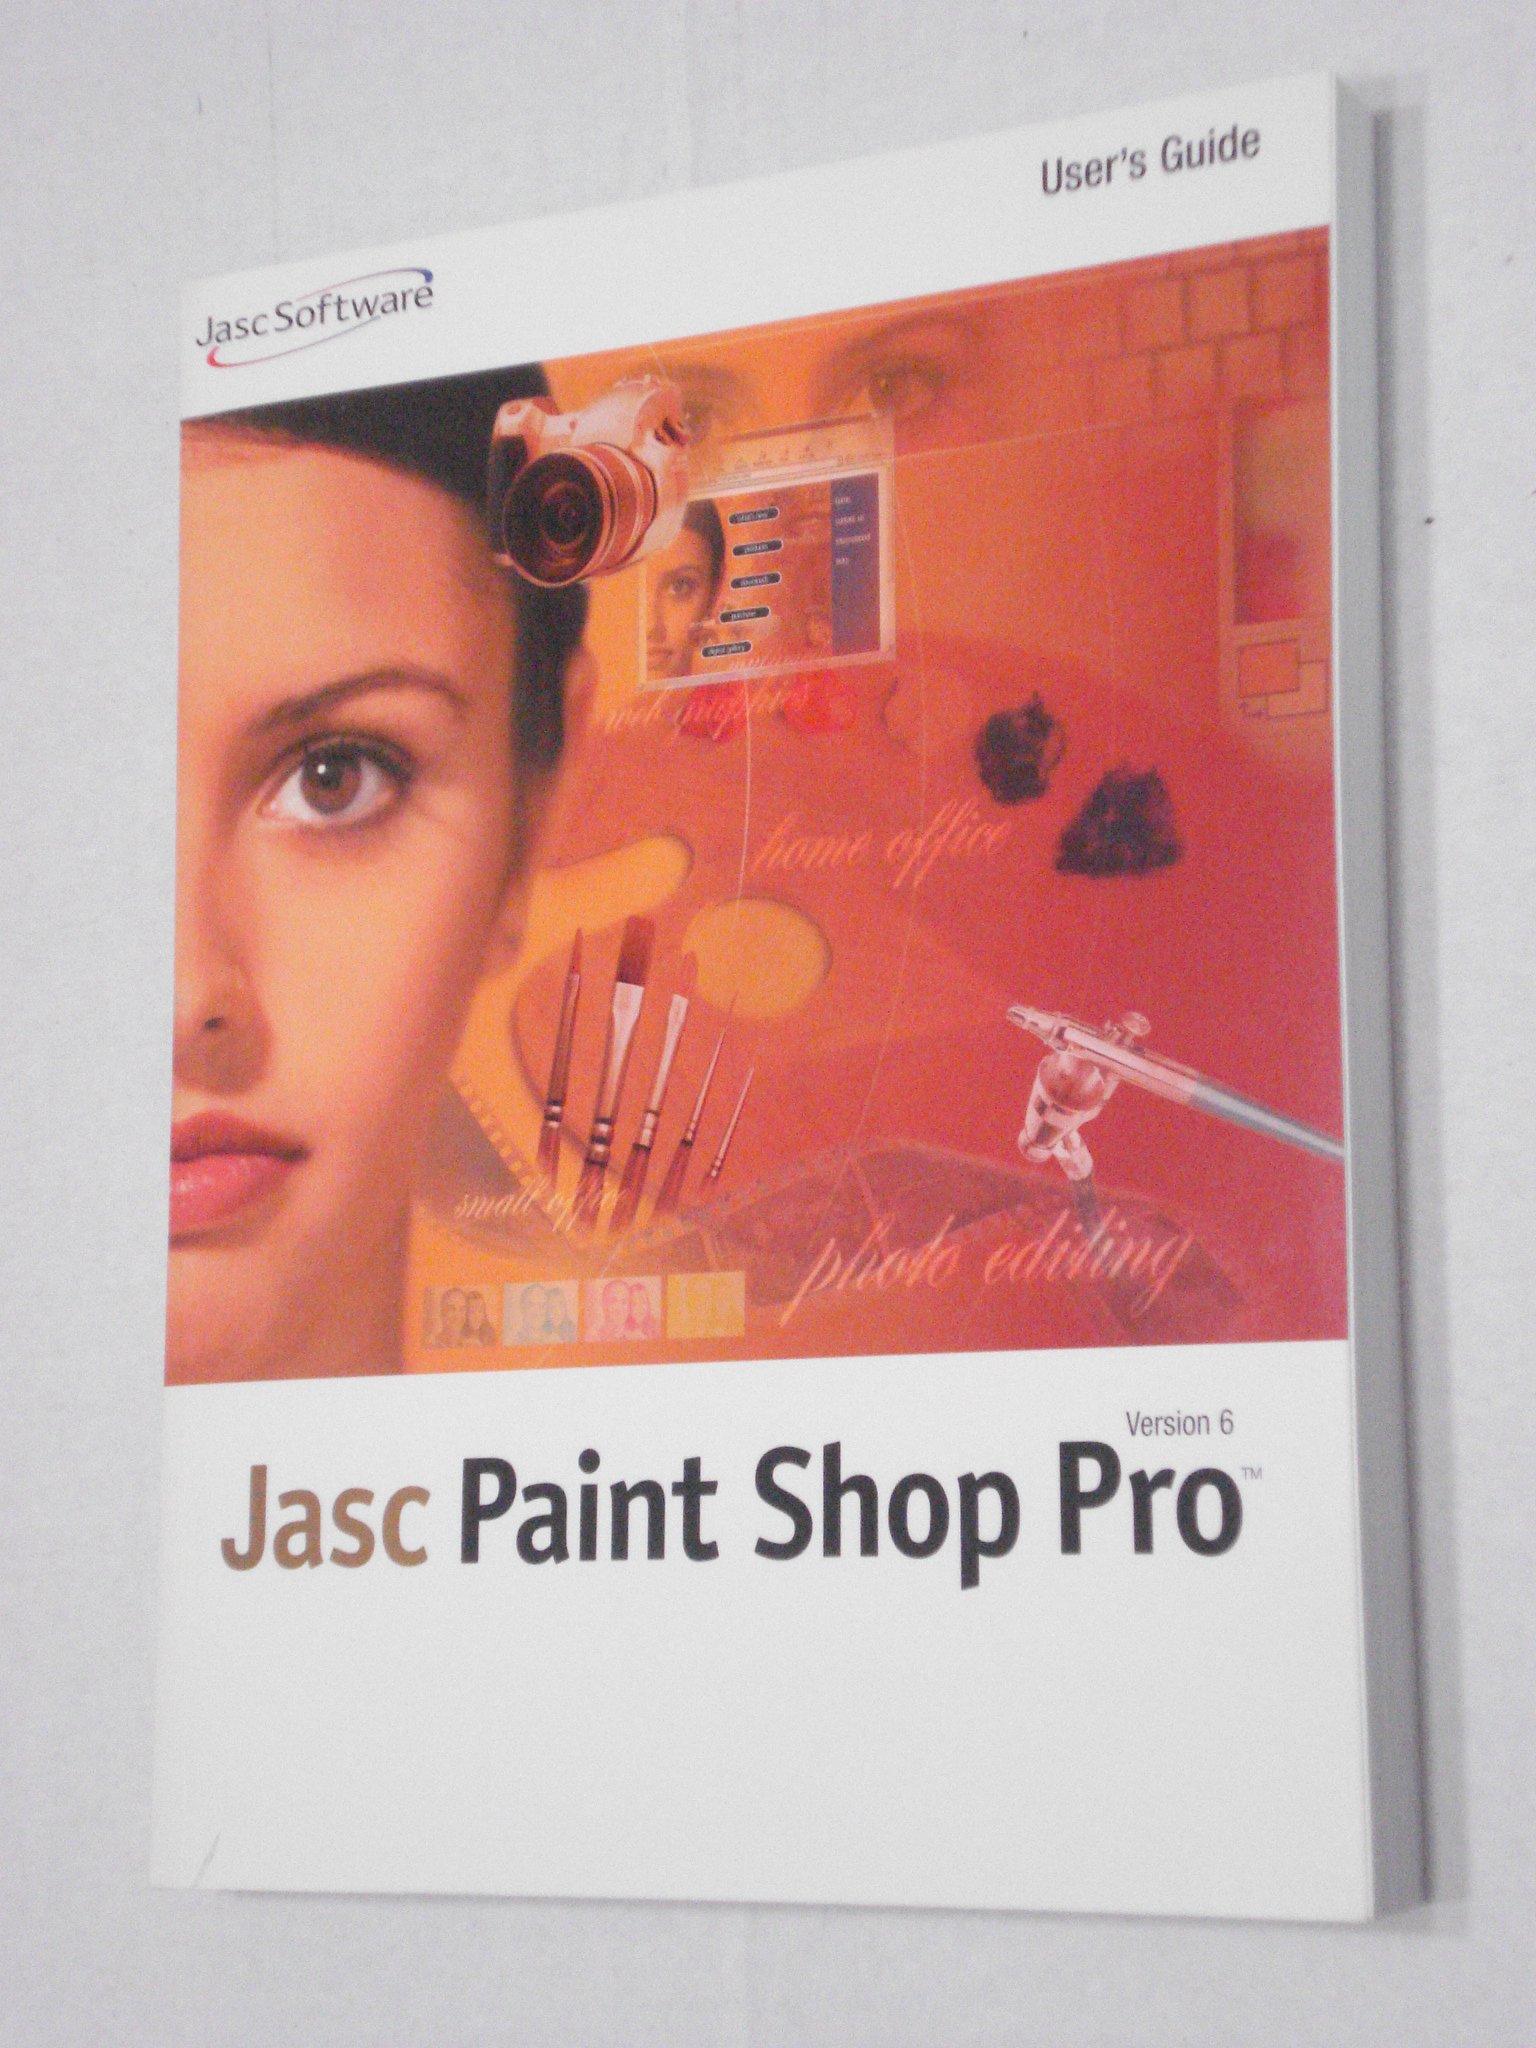 JASC Paint Shop Pro Version 6 (JASC Software-User\u0027s Guide): Jasc